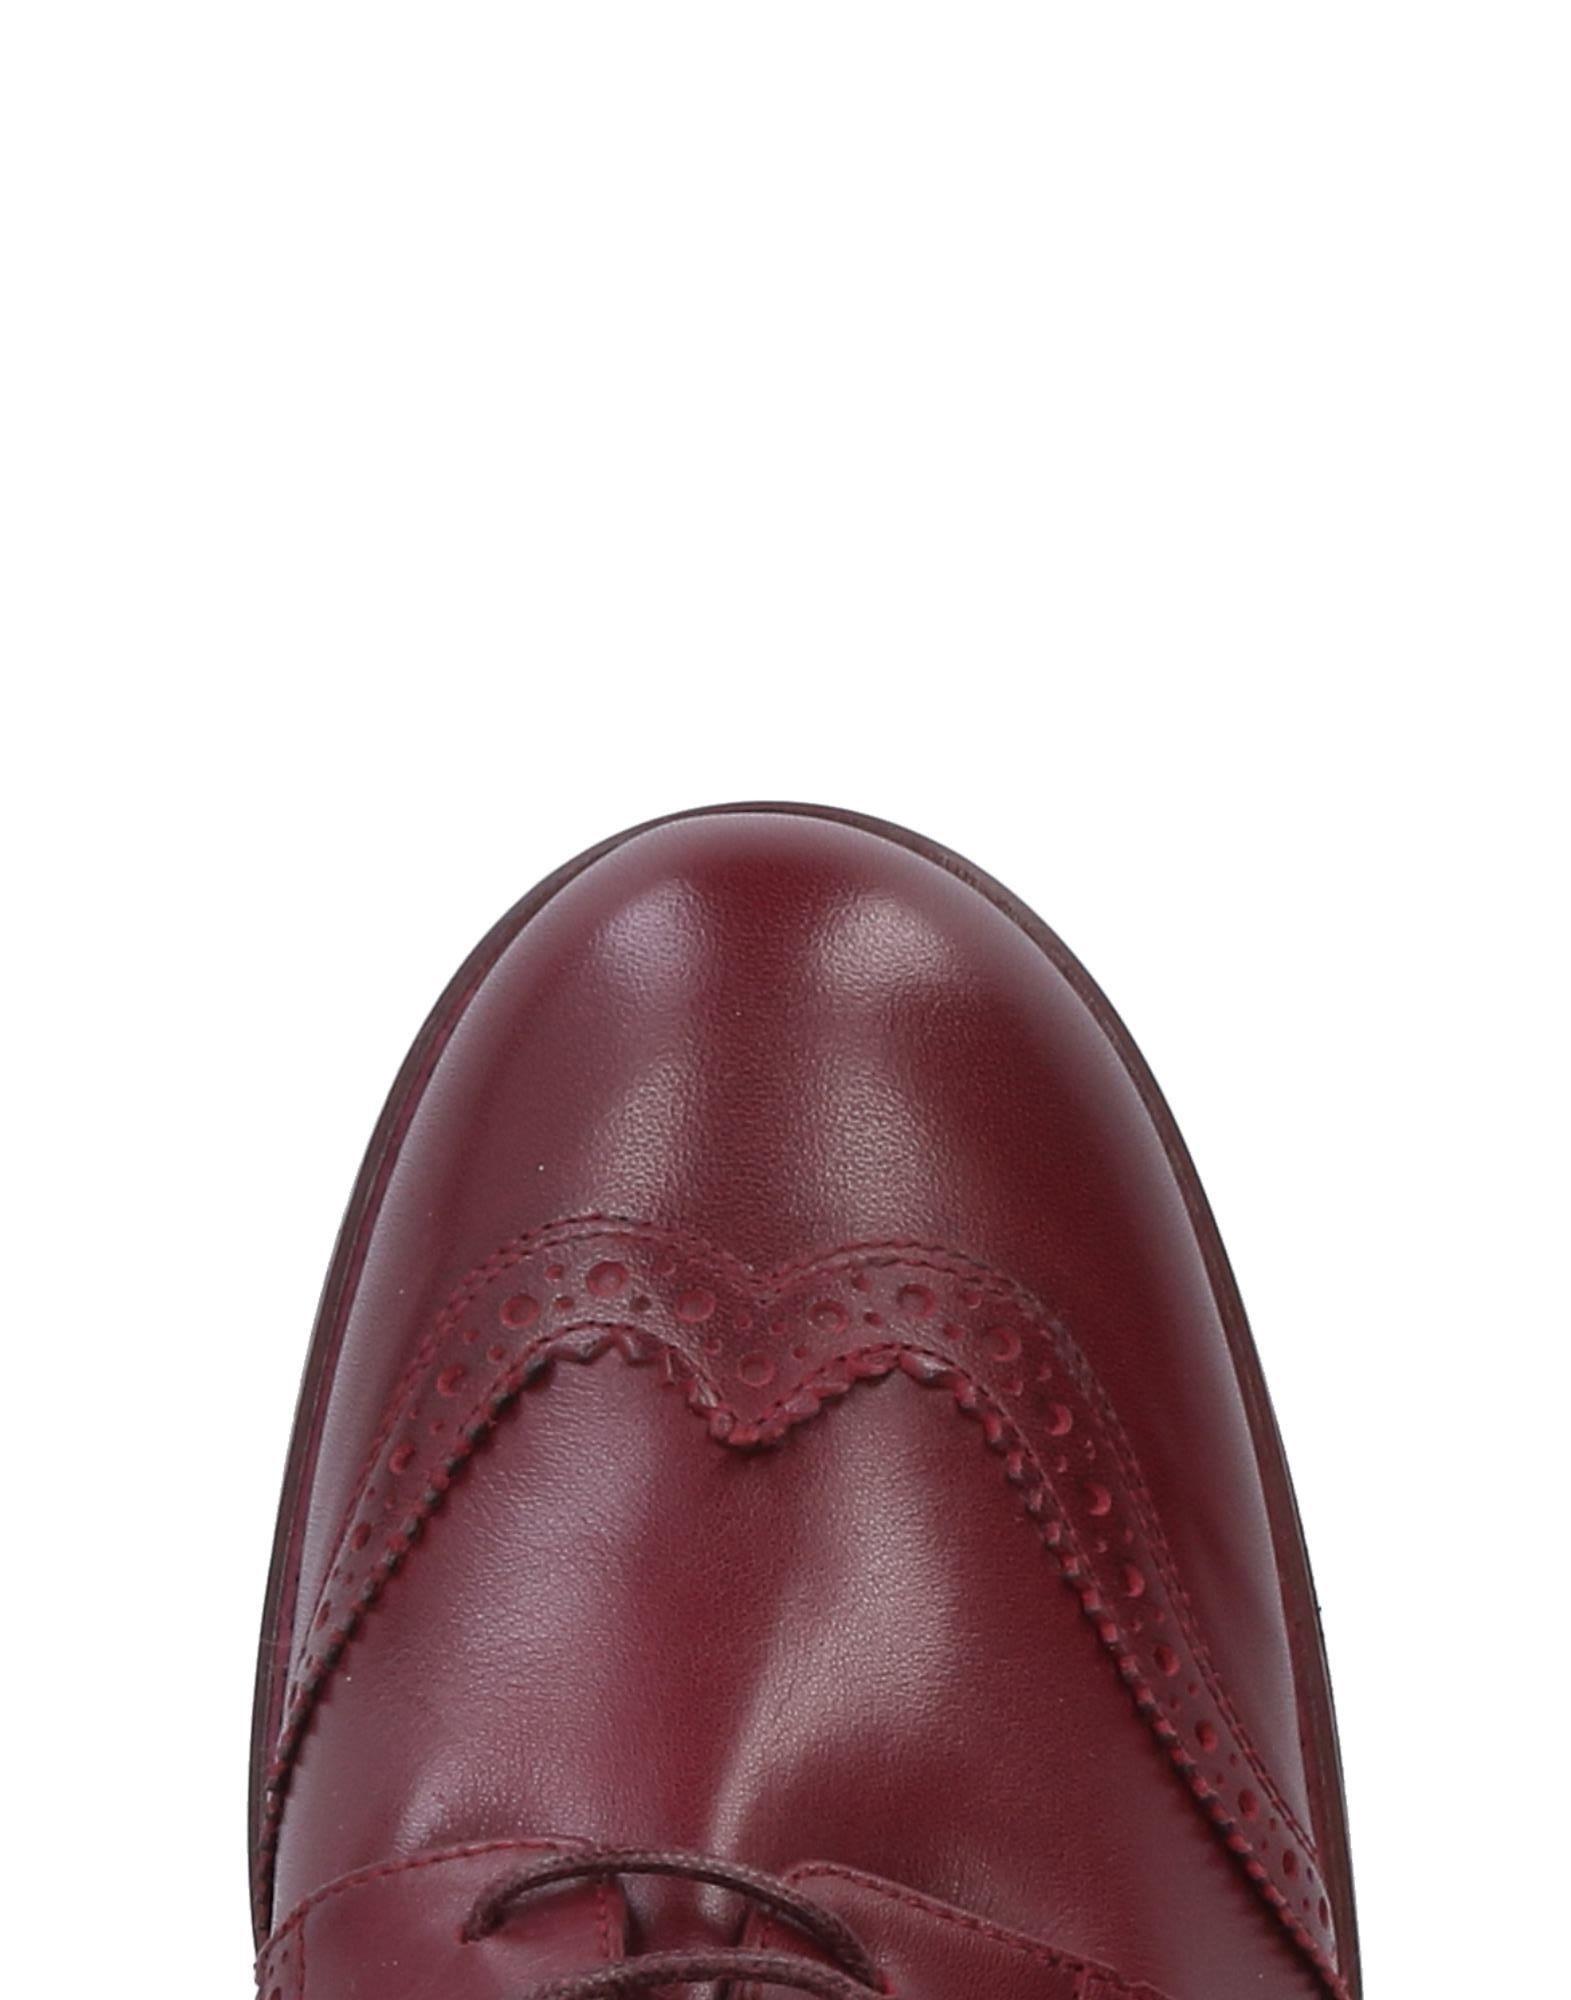 Alexandra Schnürschuhe Damen  11459679TM Gute Qualität beliebte Schuhe